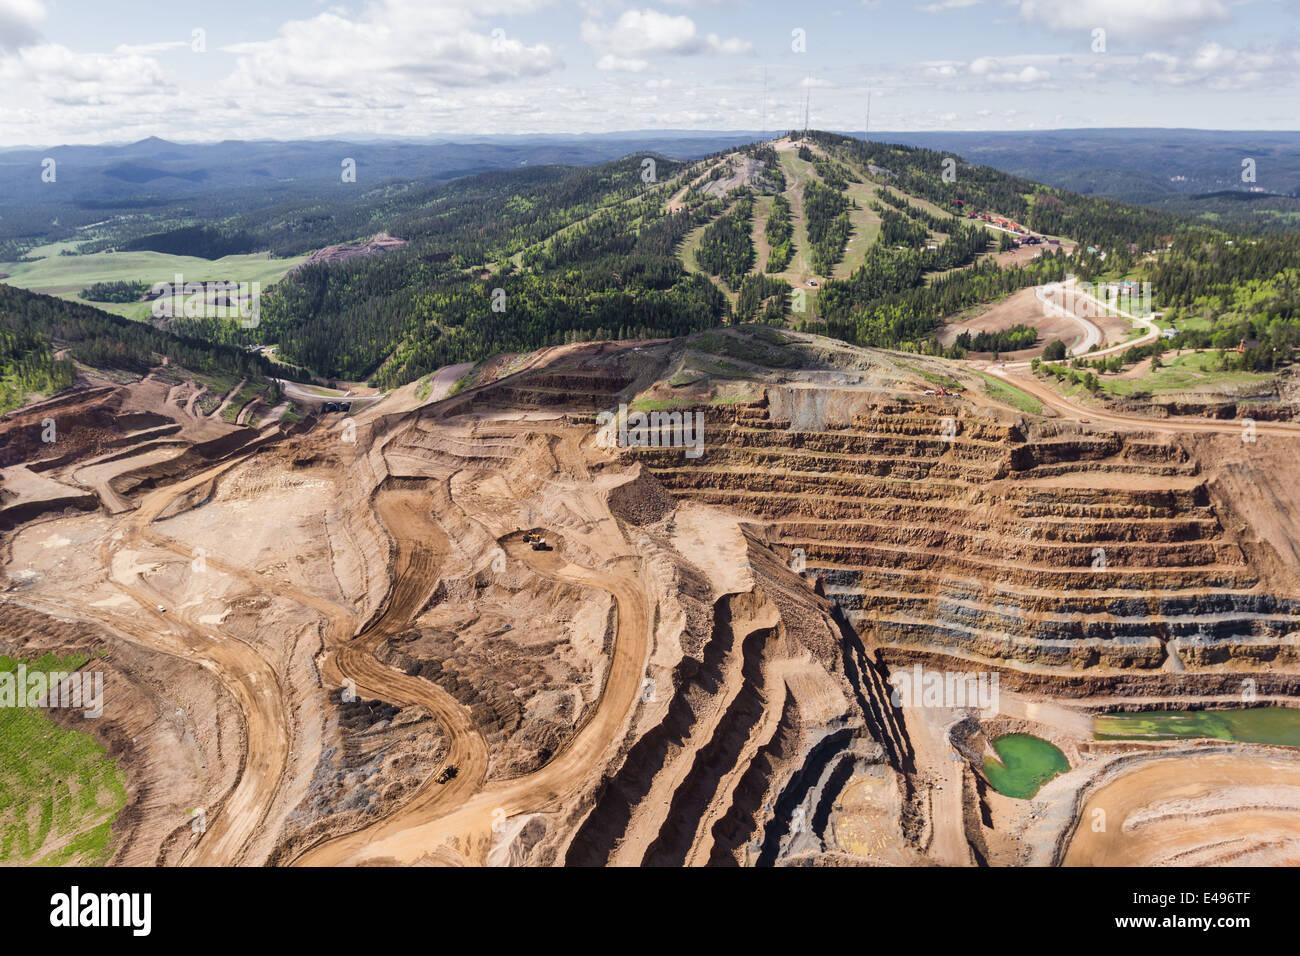 Vista aérea de una mina a cielo abierto en Dakota del Sur Imagen De Stock